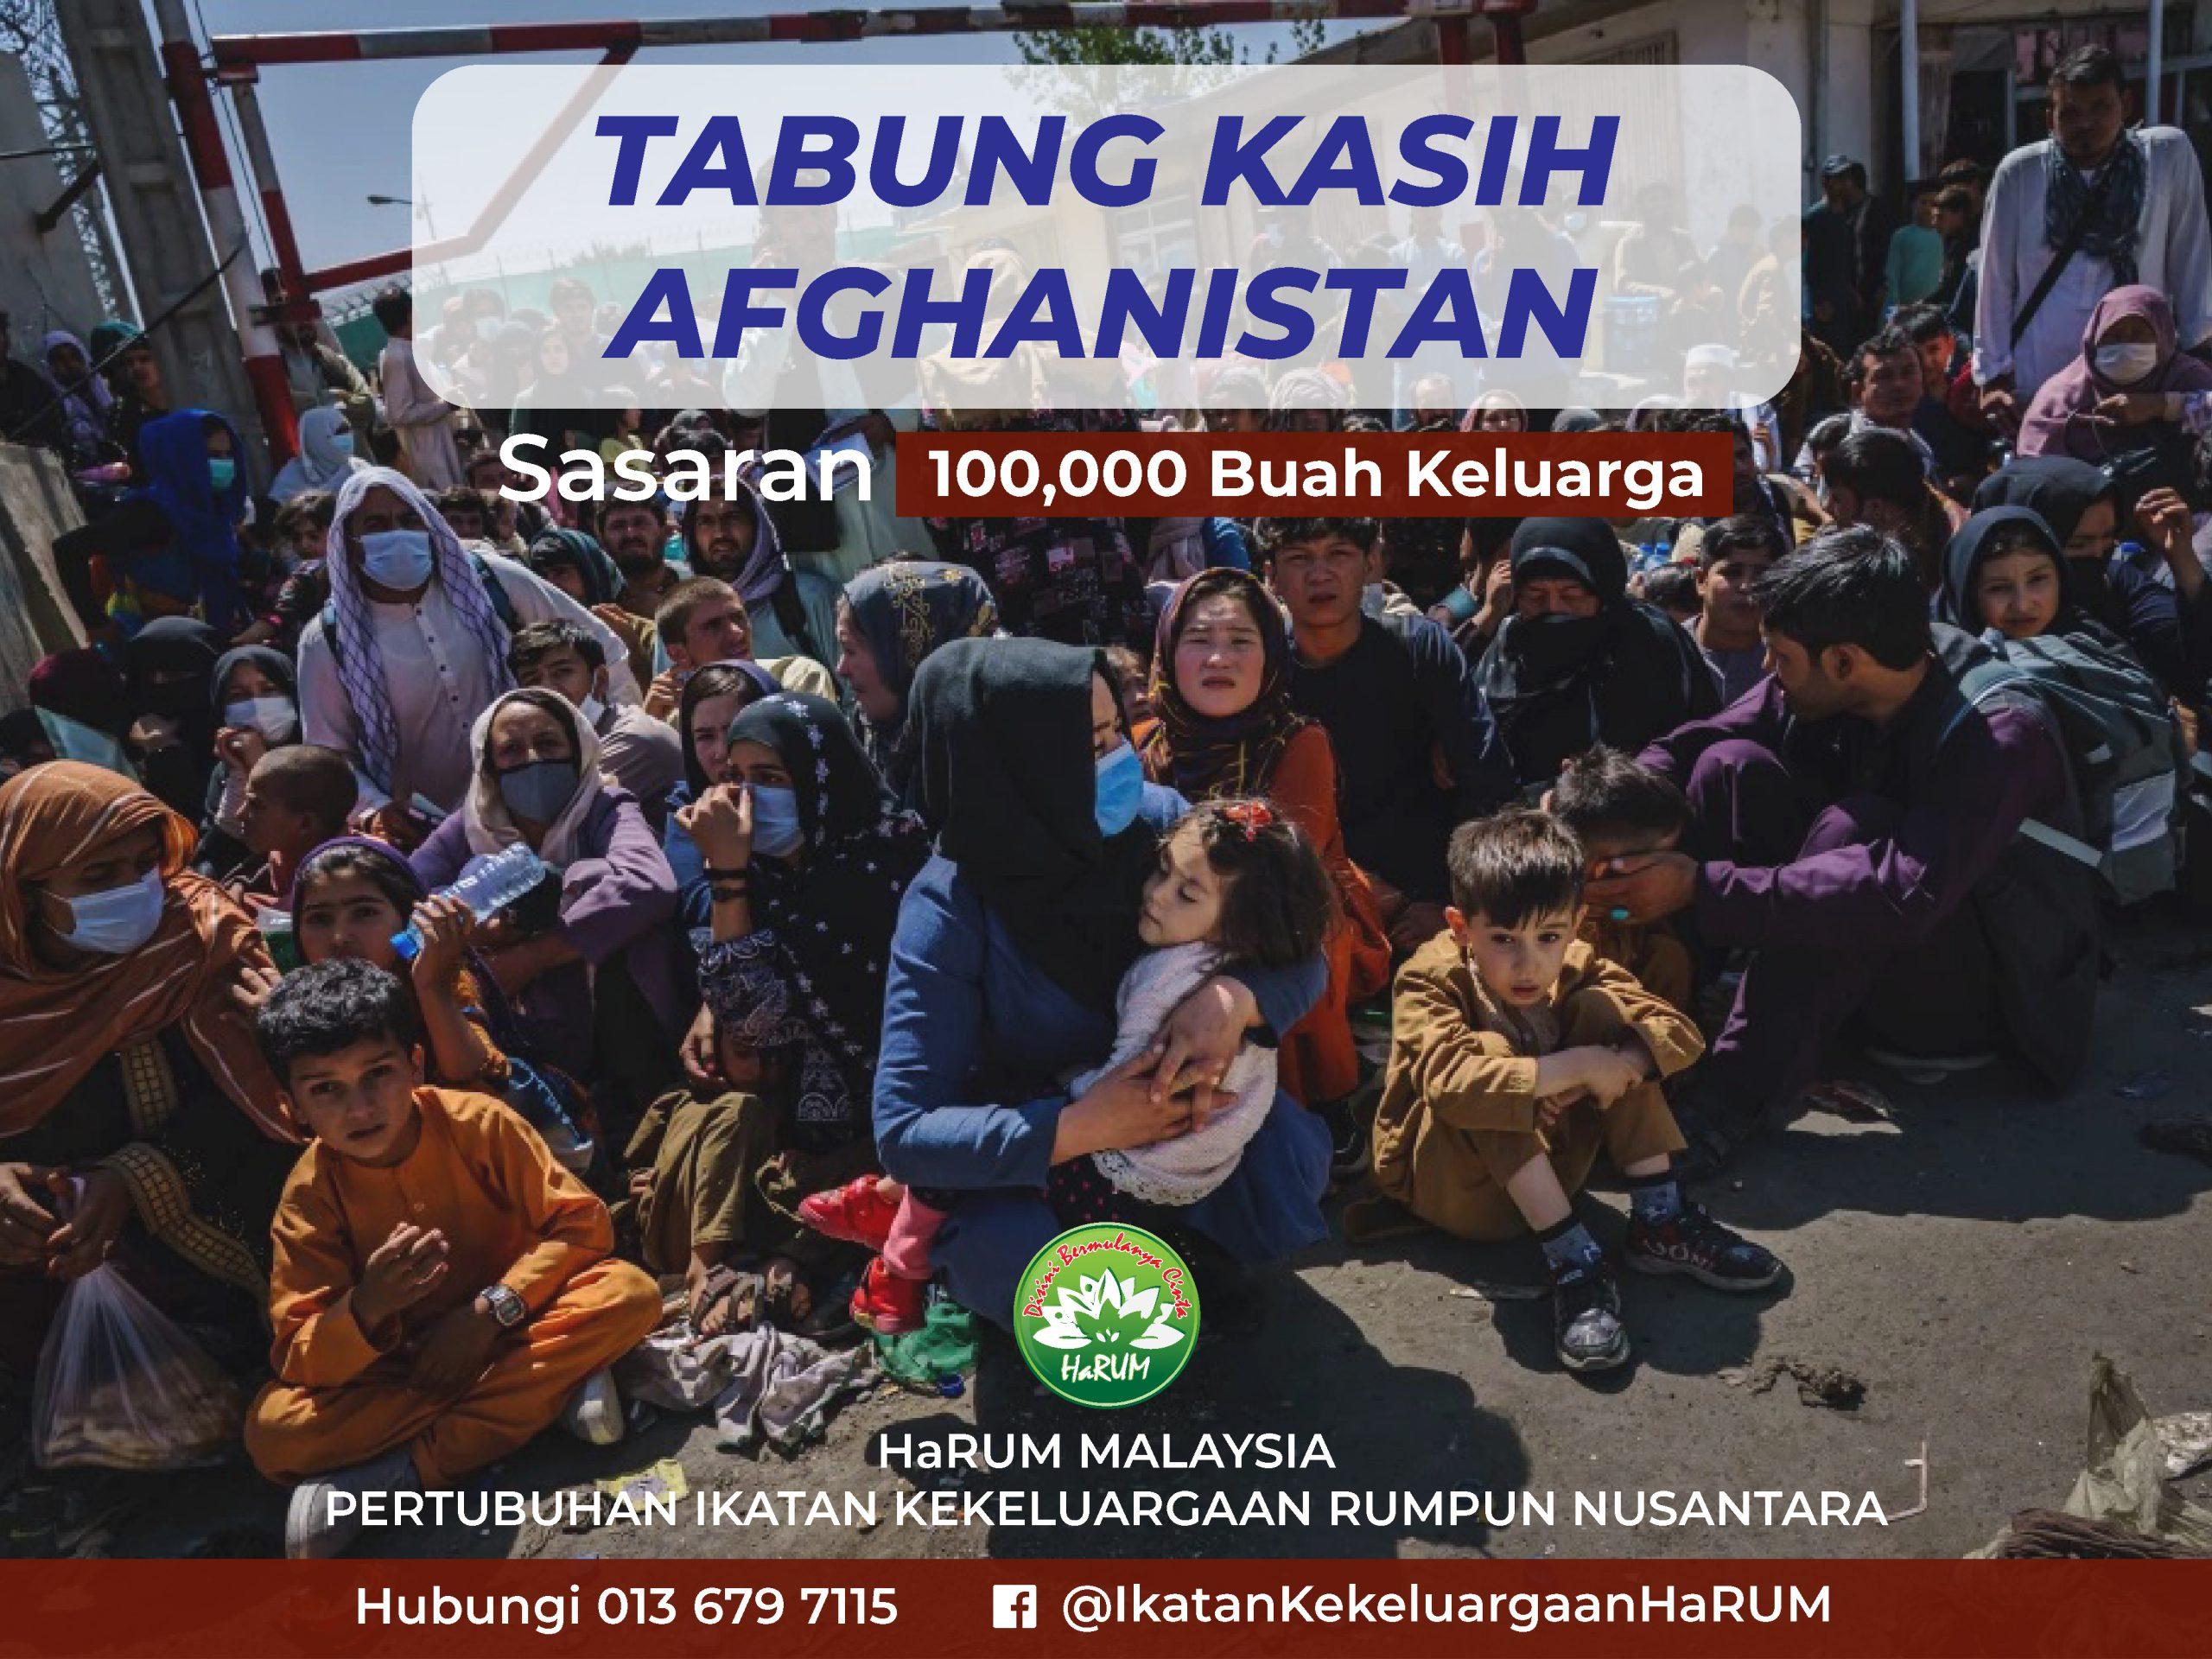 Pelancaran Tabung Kasih Afghanistan